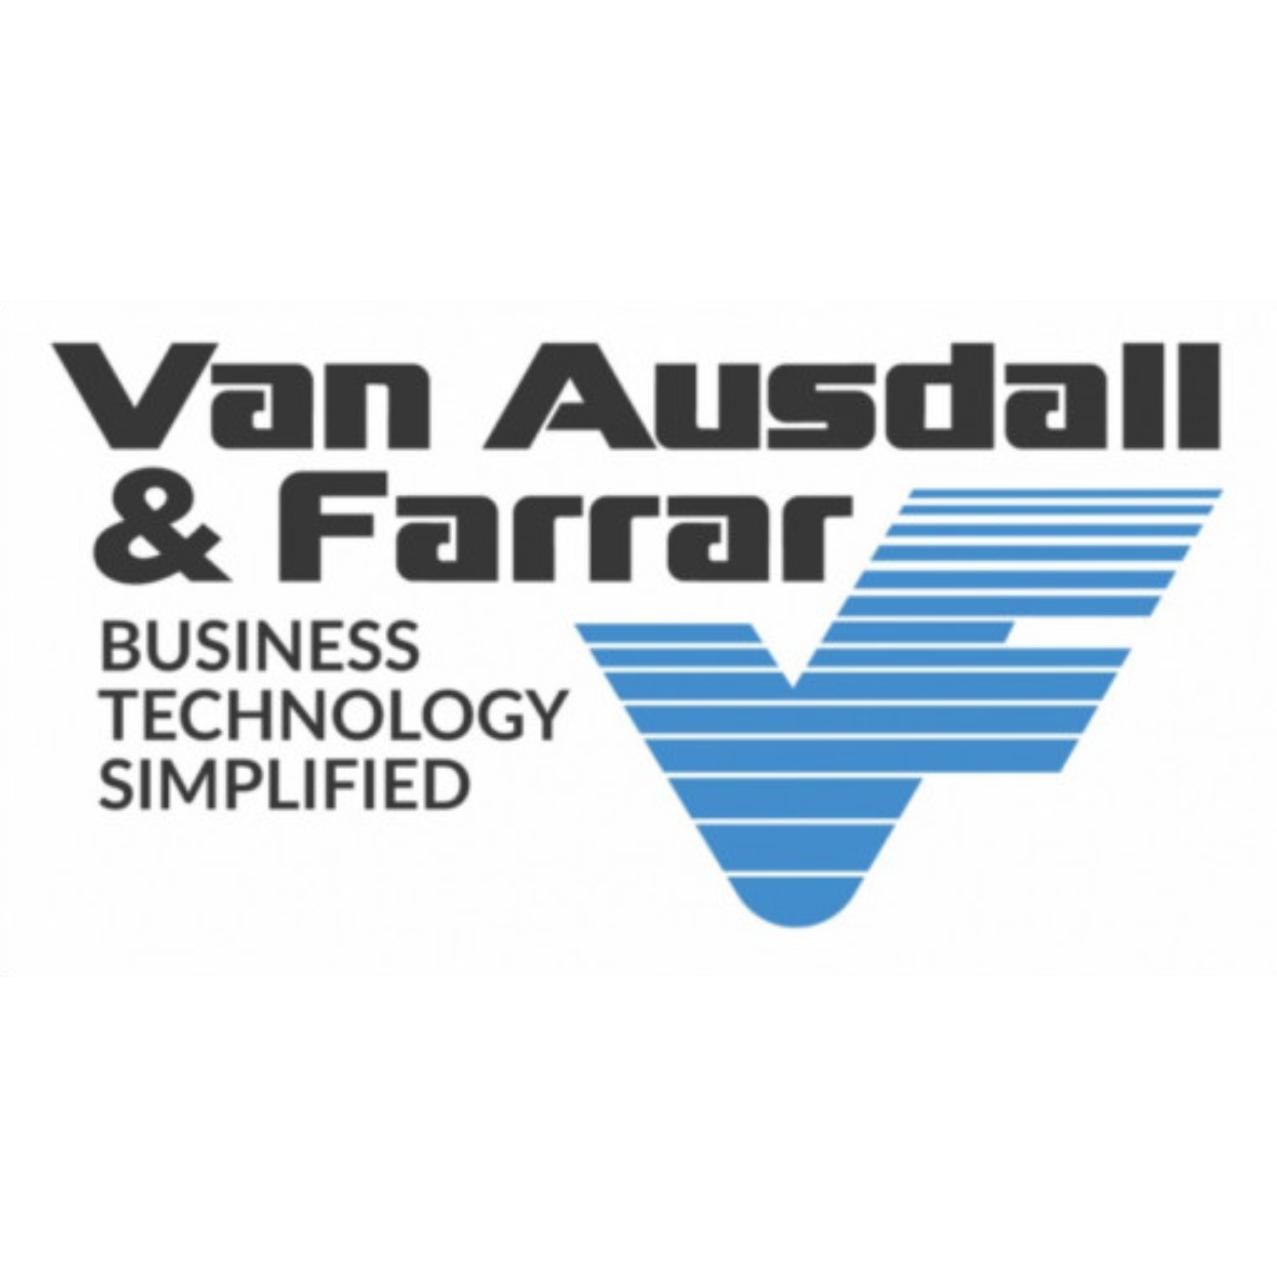 Van Ausdall & Farrar